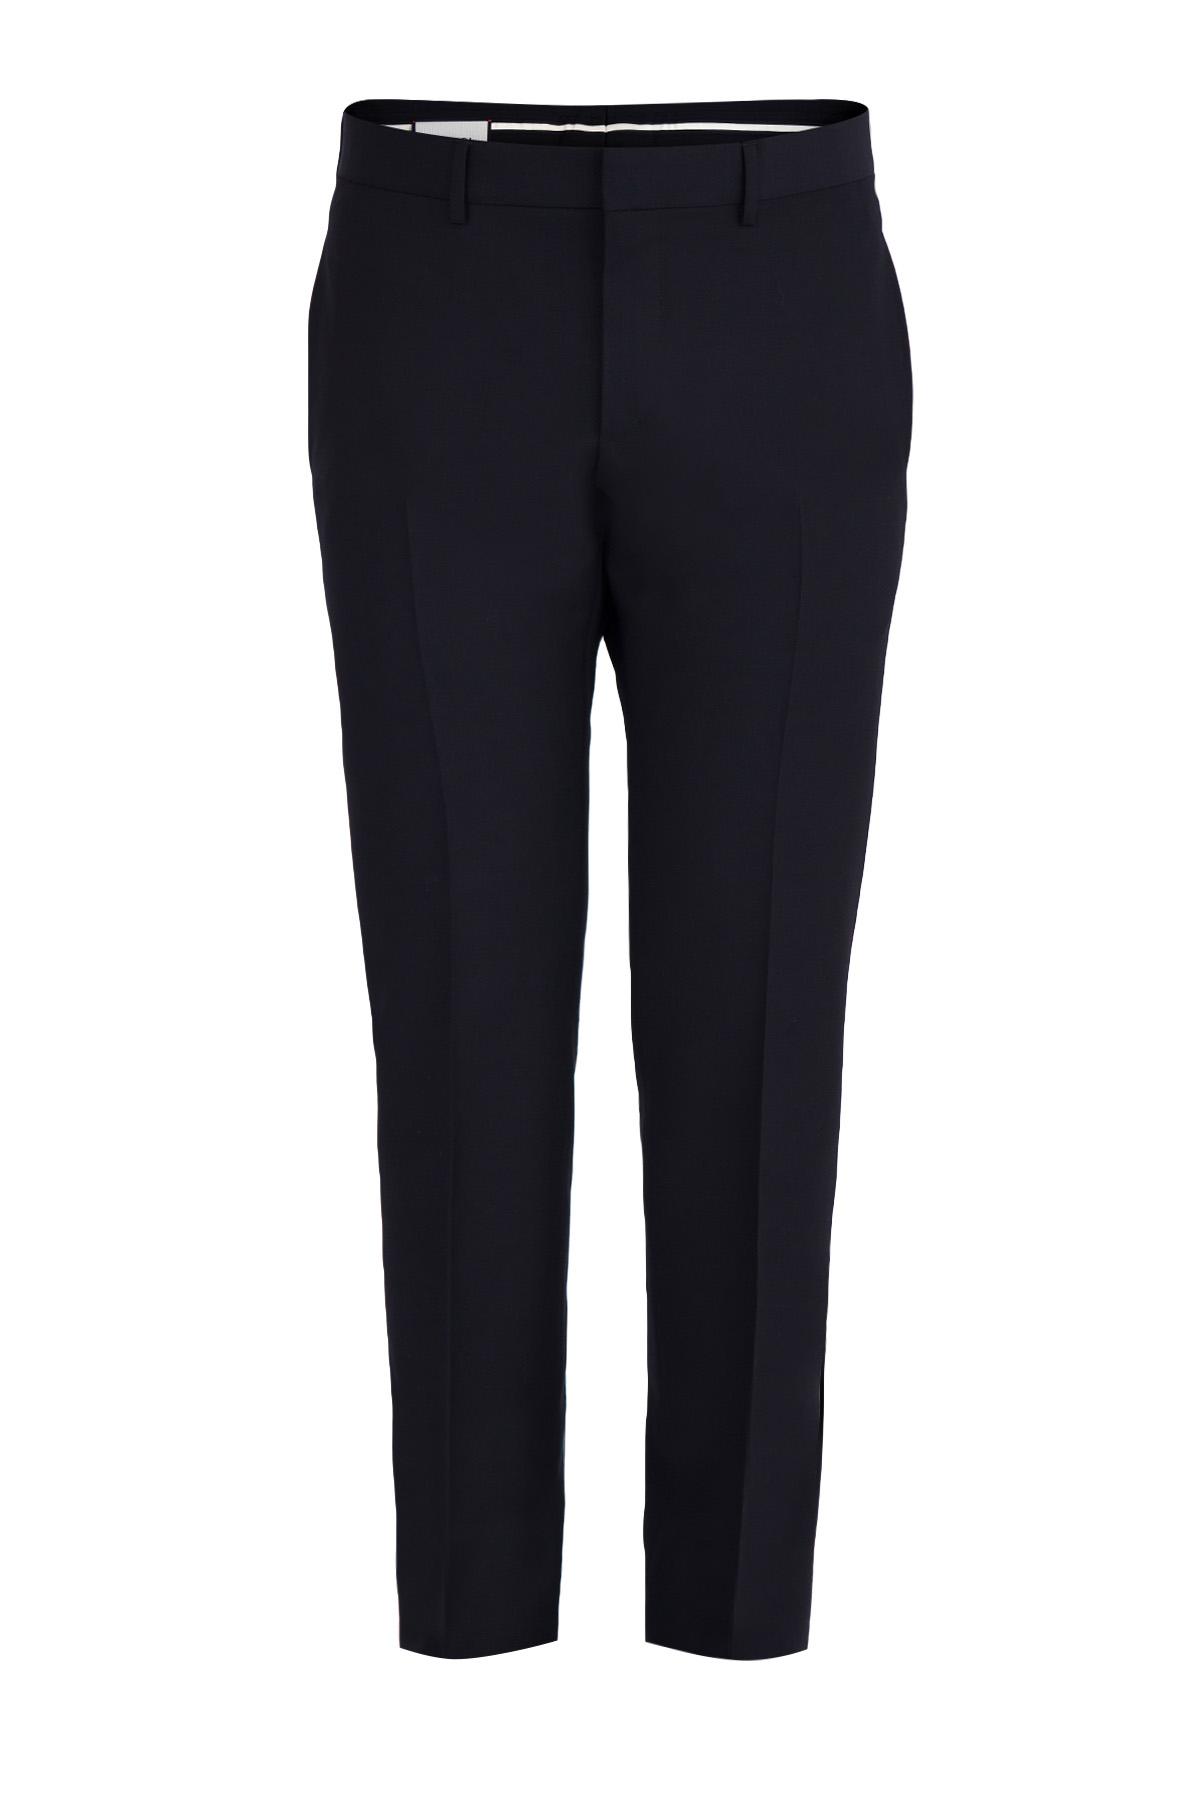 Прямые брюки из шерсти и мохера в деловом стиле фото